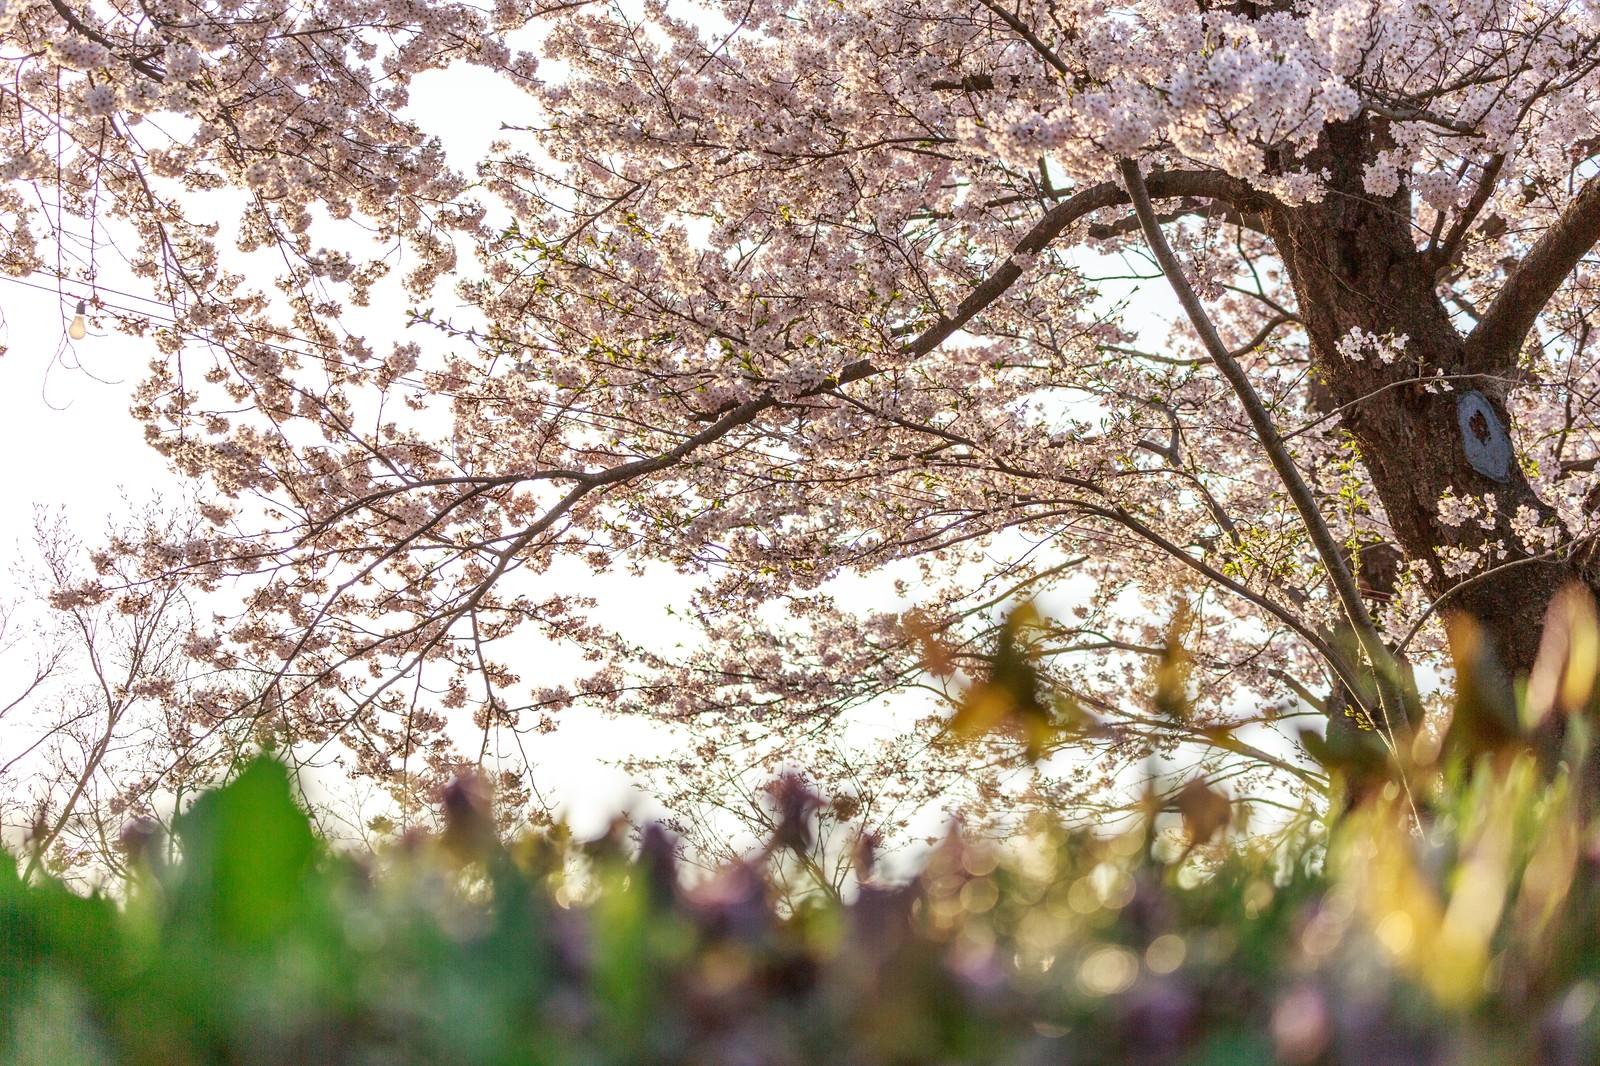 「桜の木の下で」の写真